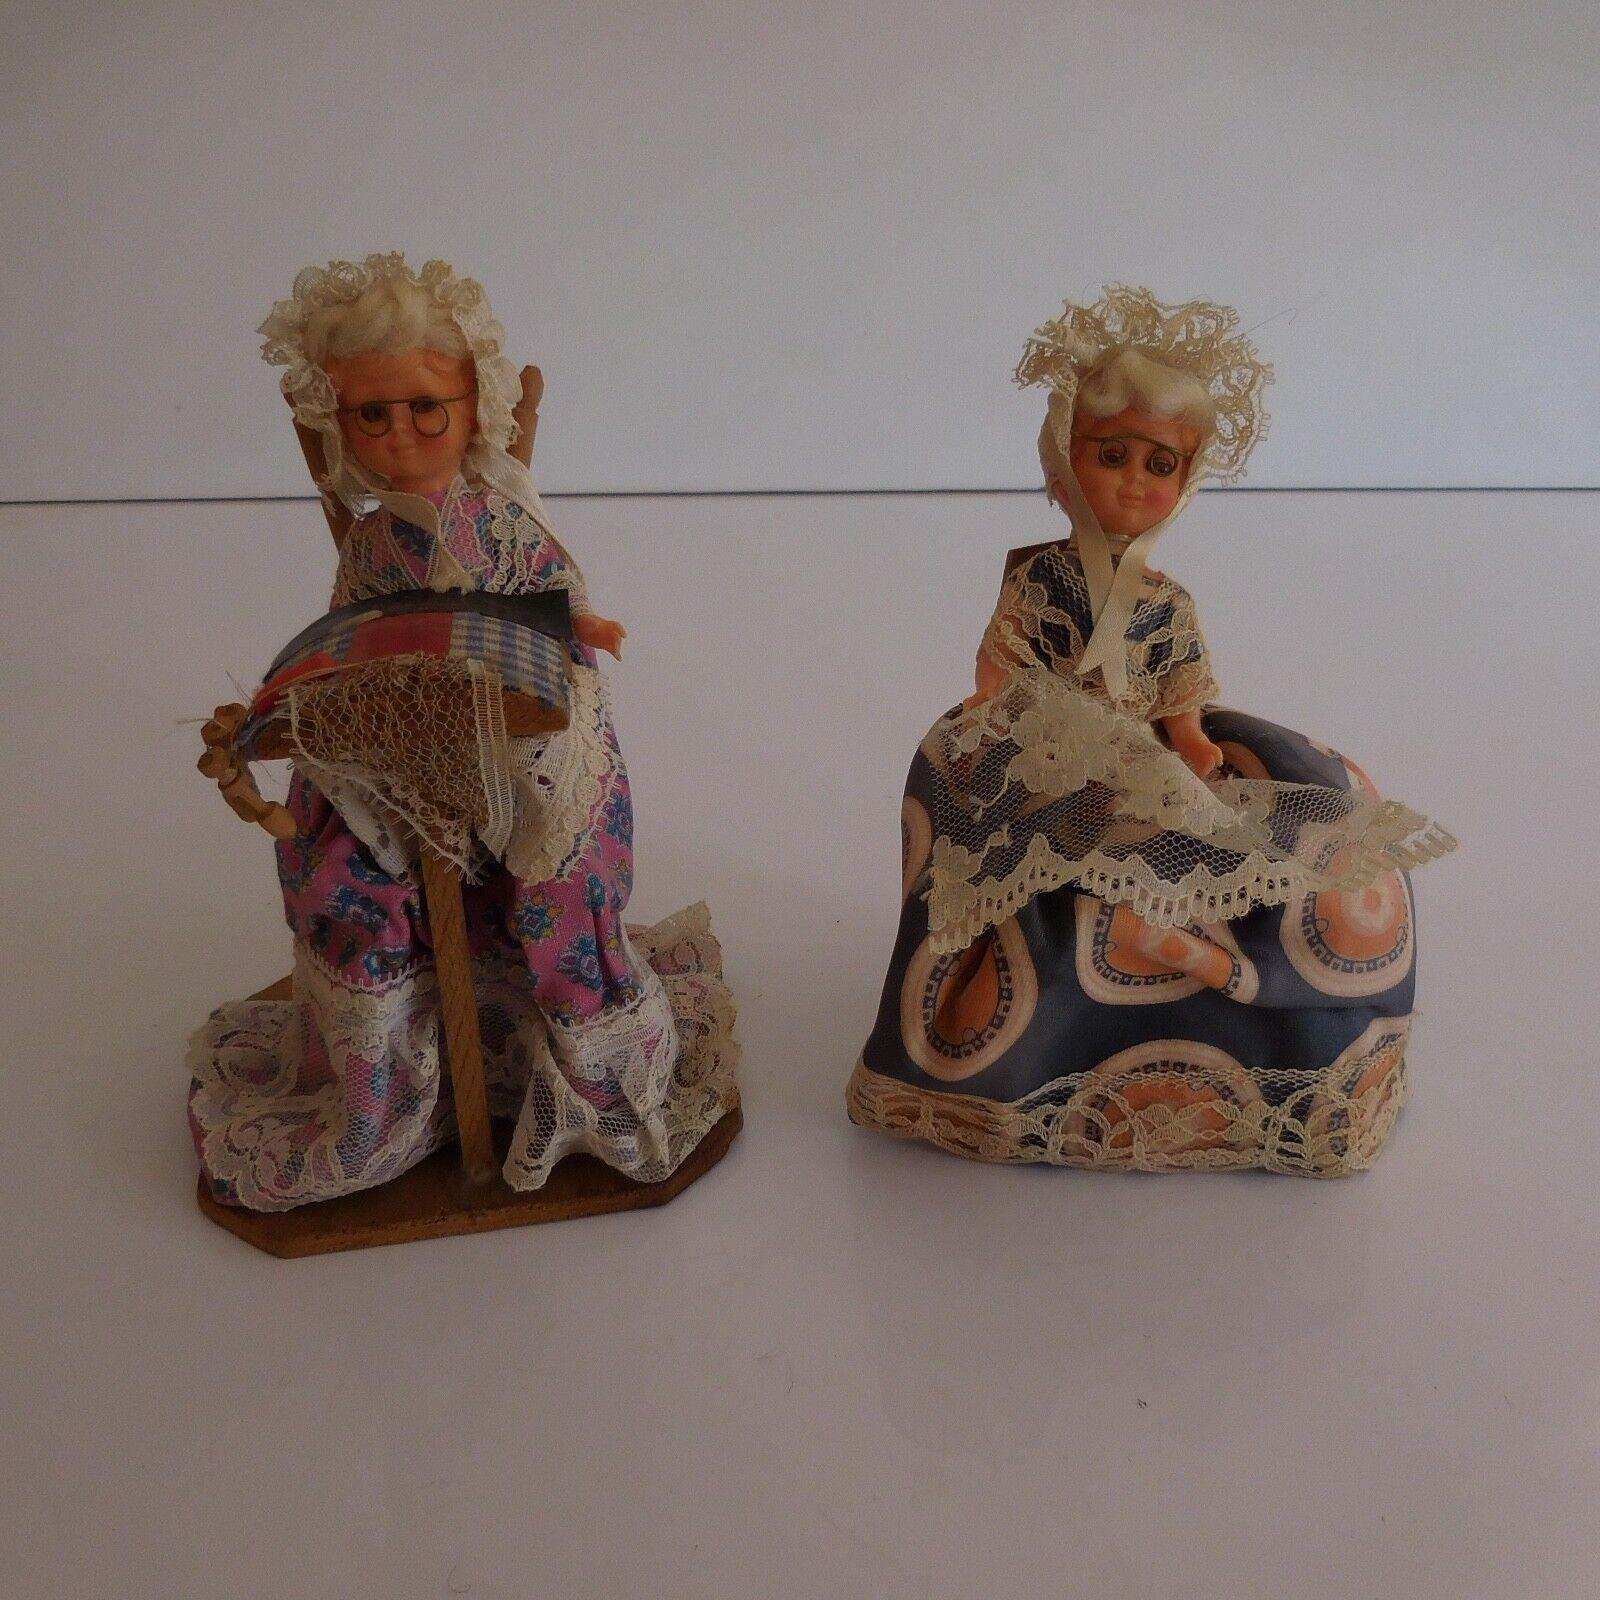 2 personnages poupées collection costume Vieille tradition folklorique fait main